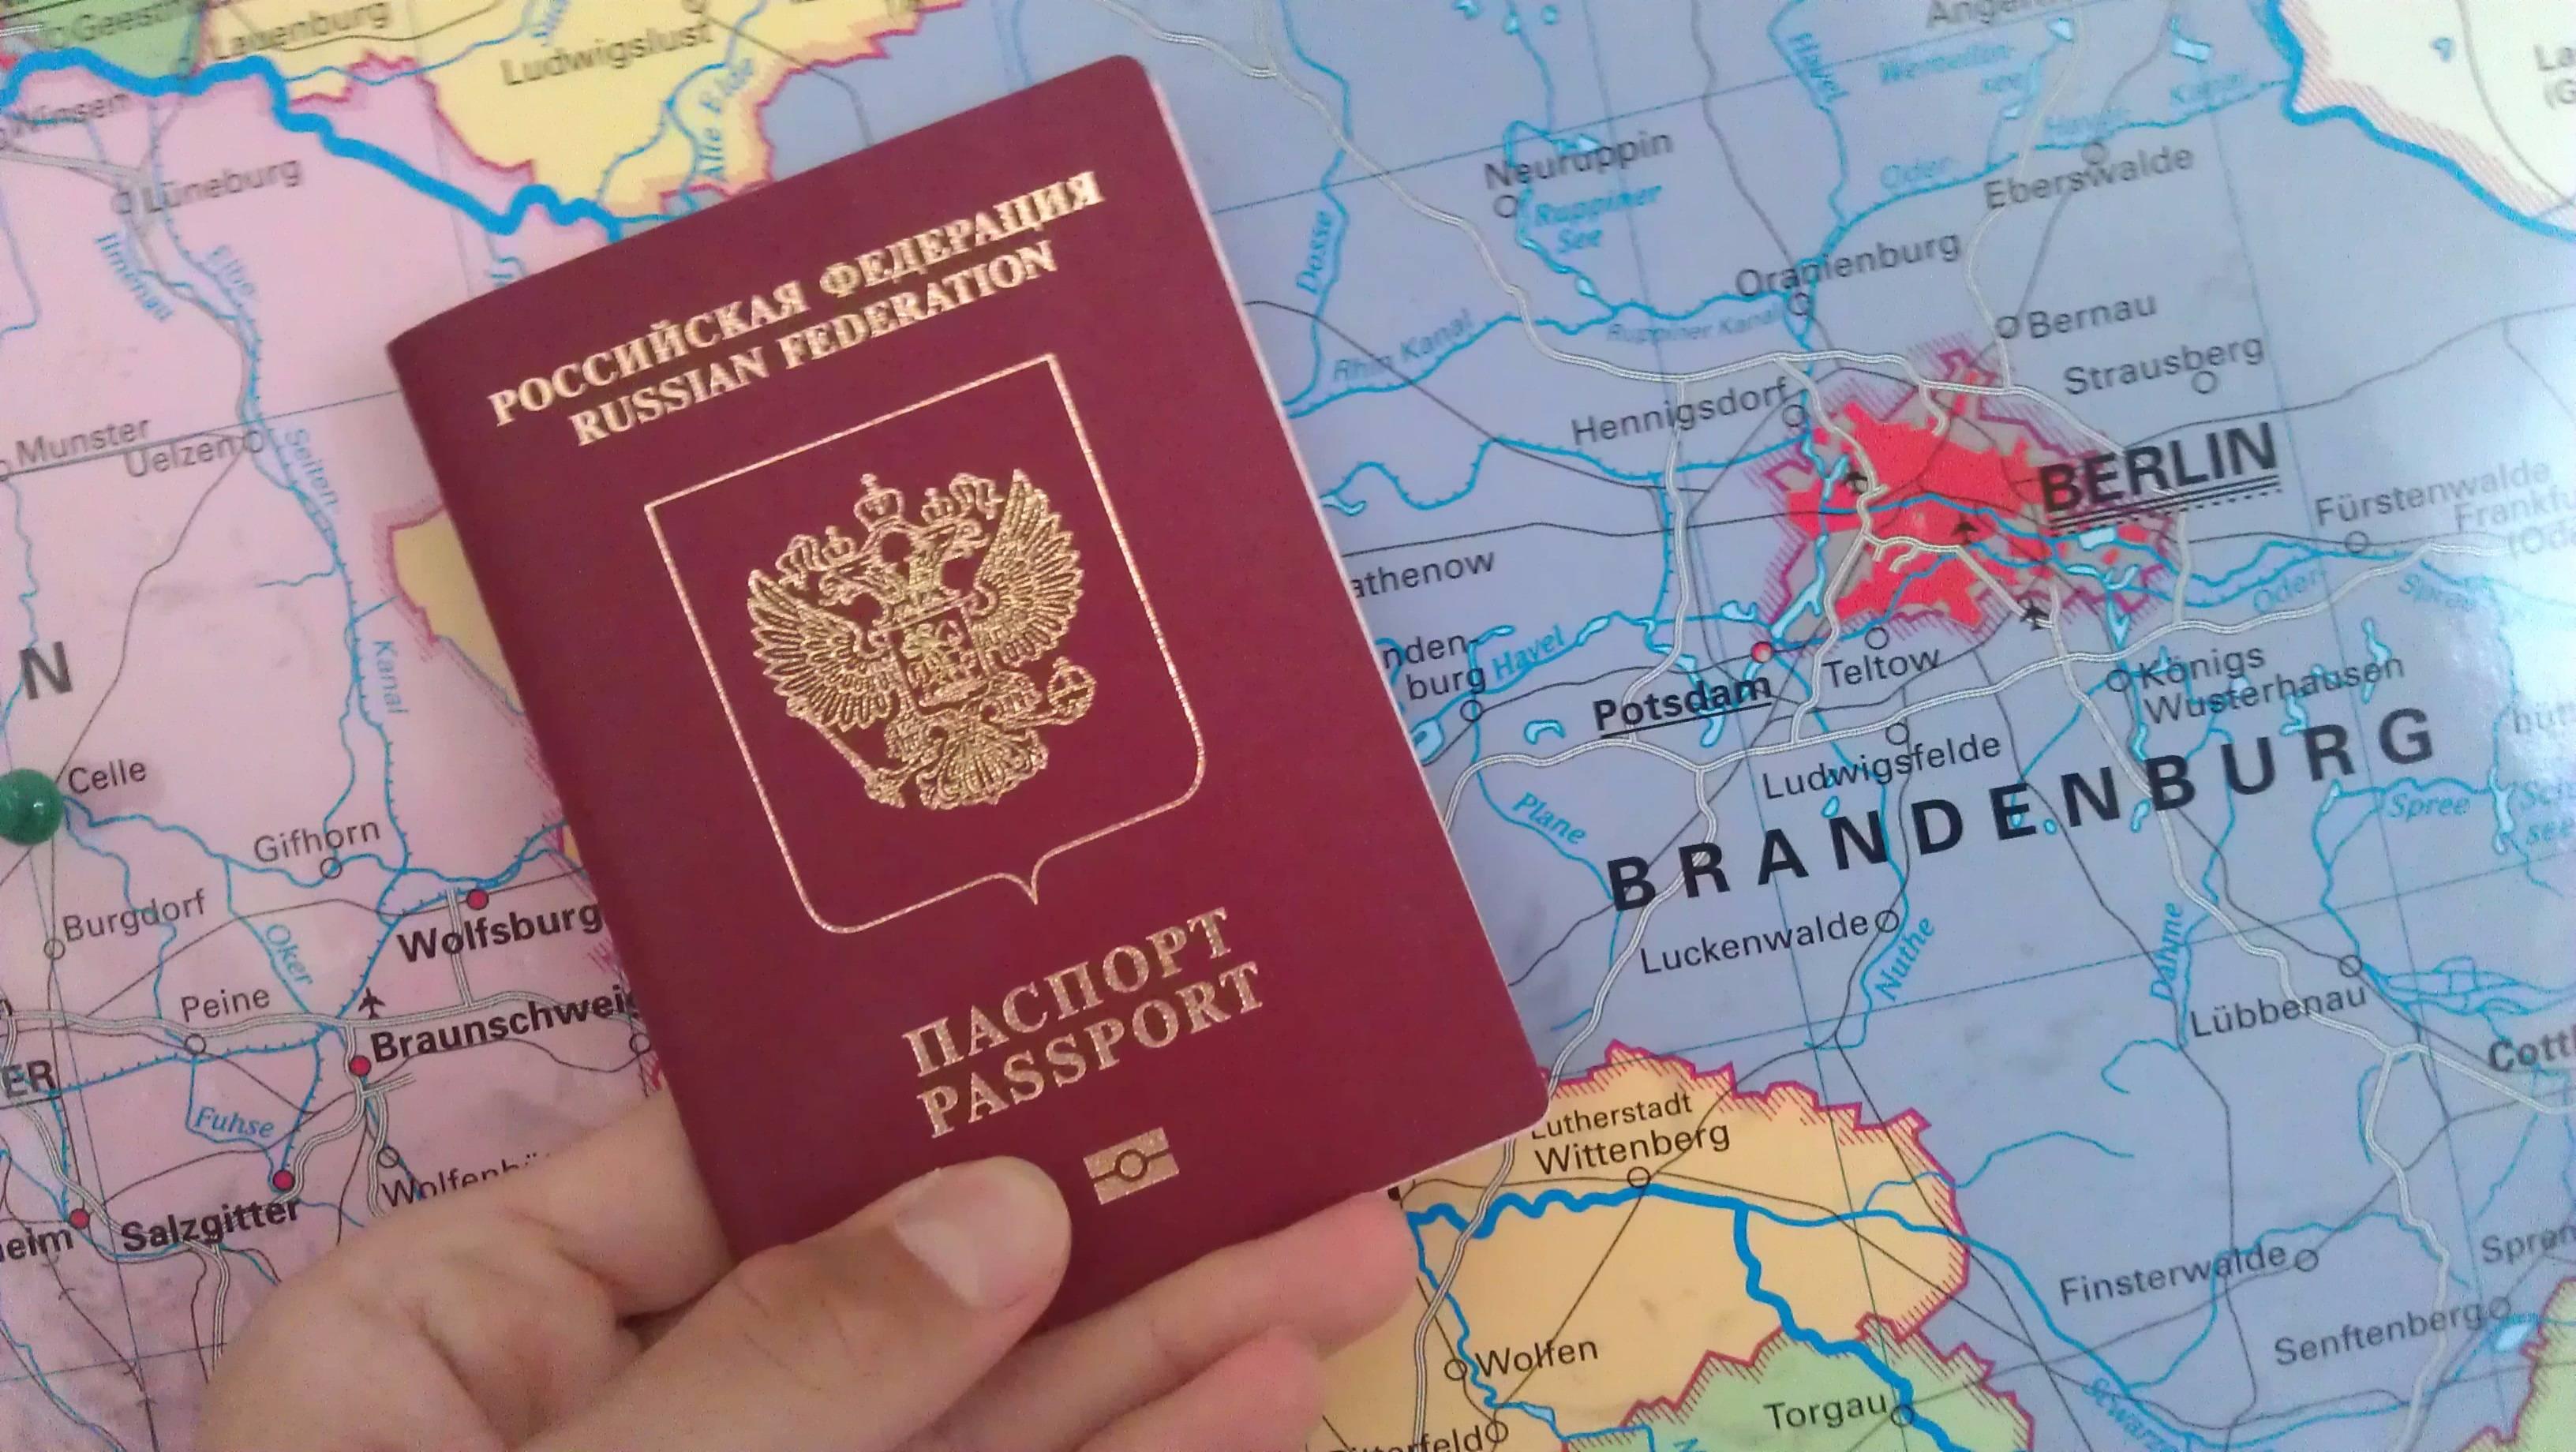 Нужен ли загранпаспорт в абхазии для россиян и как происходит пересечение границы россия-абхазия